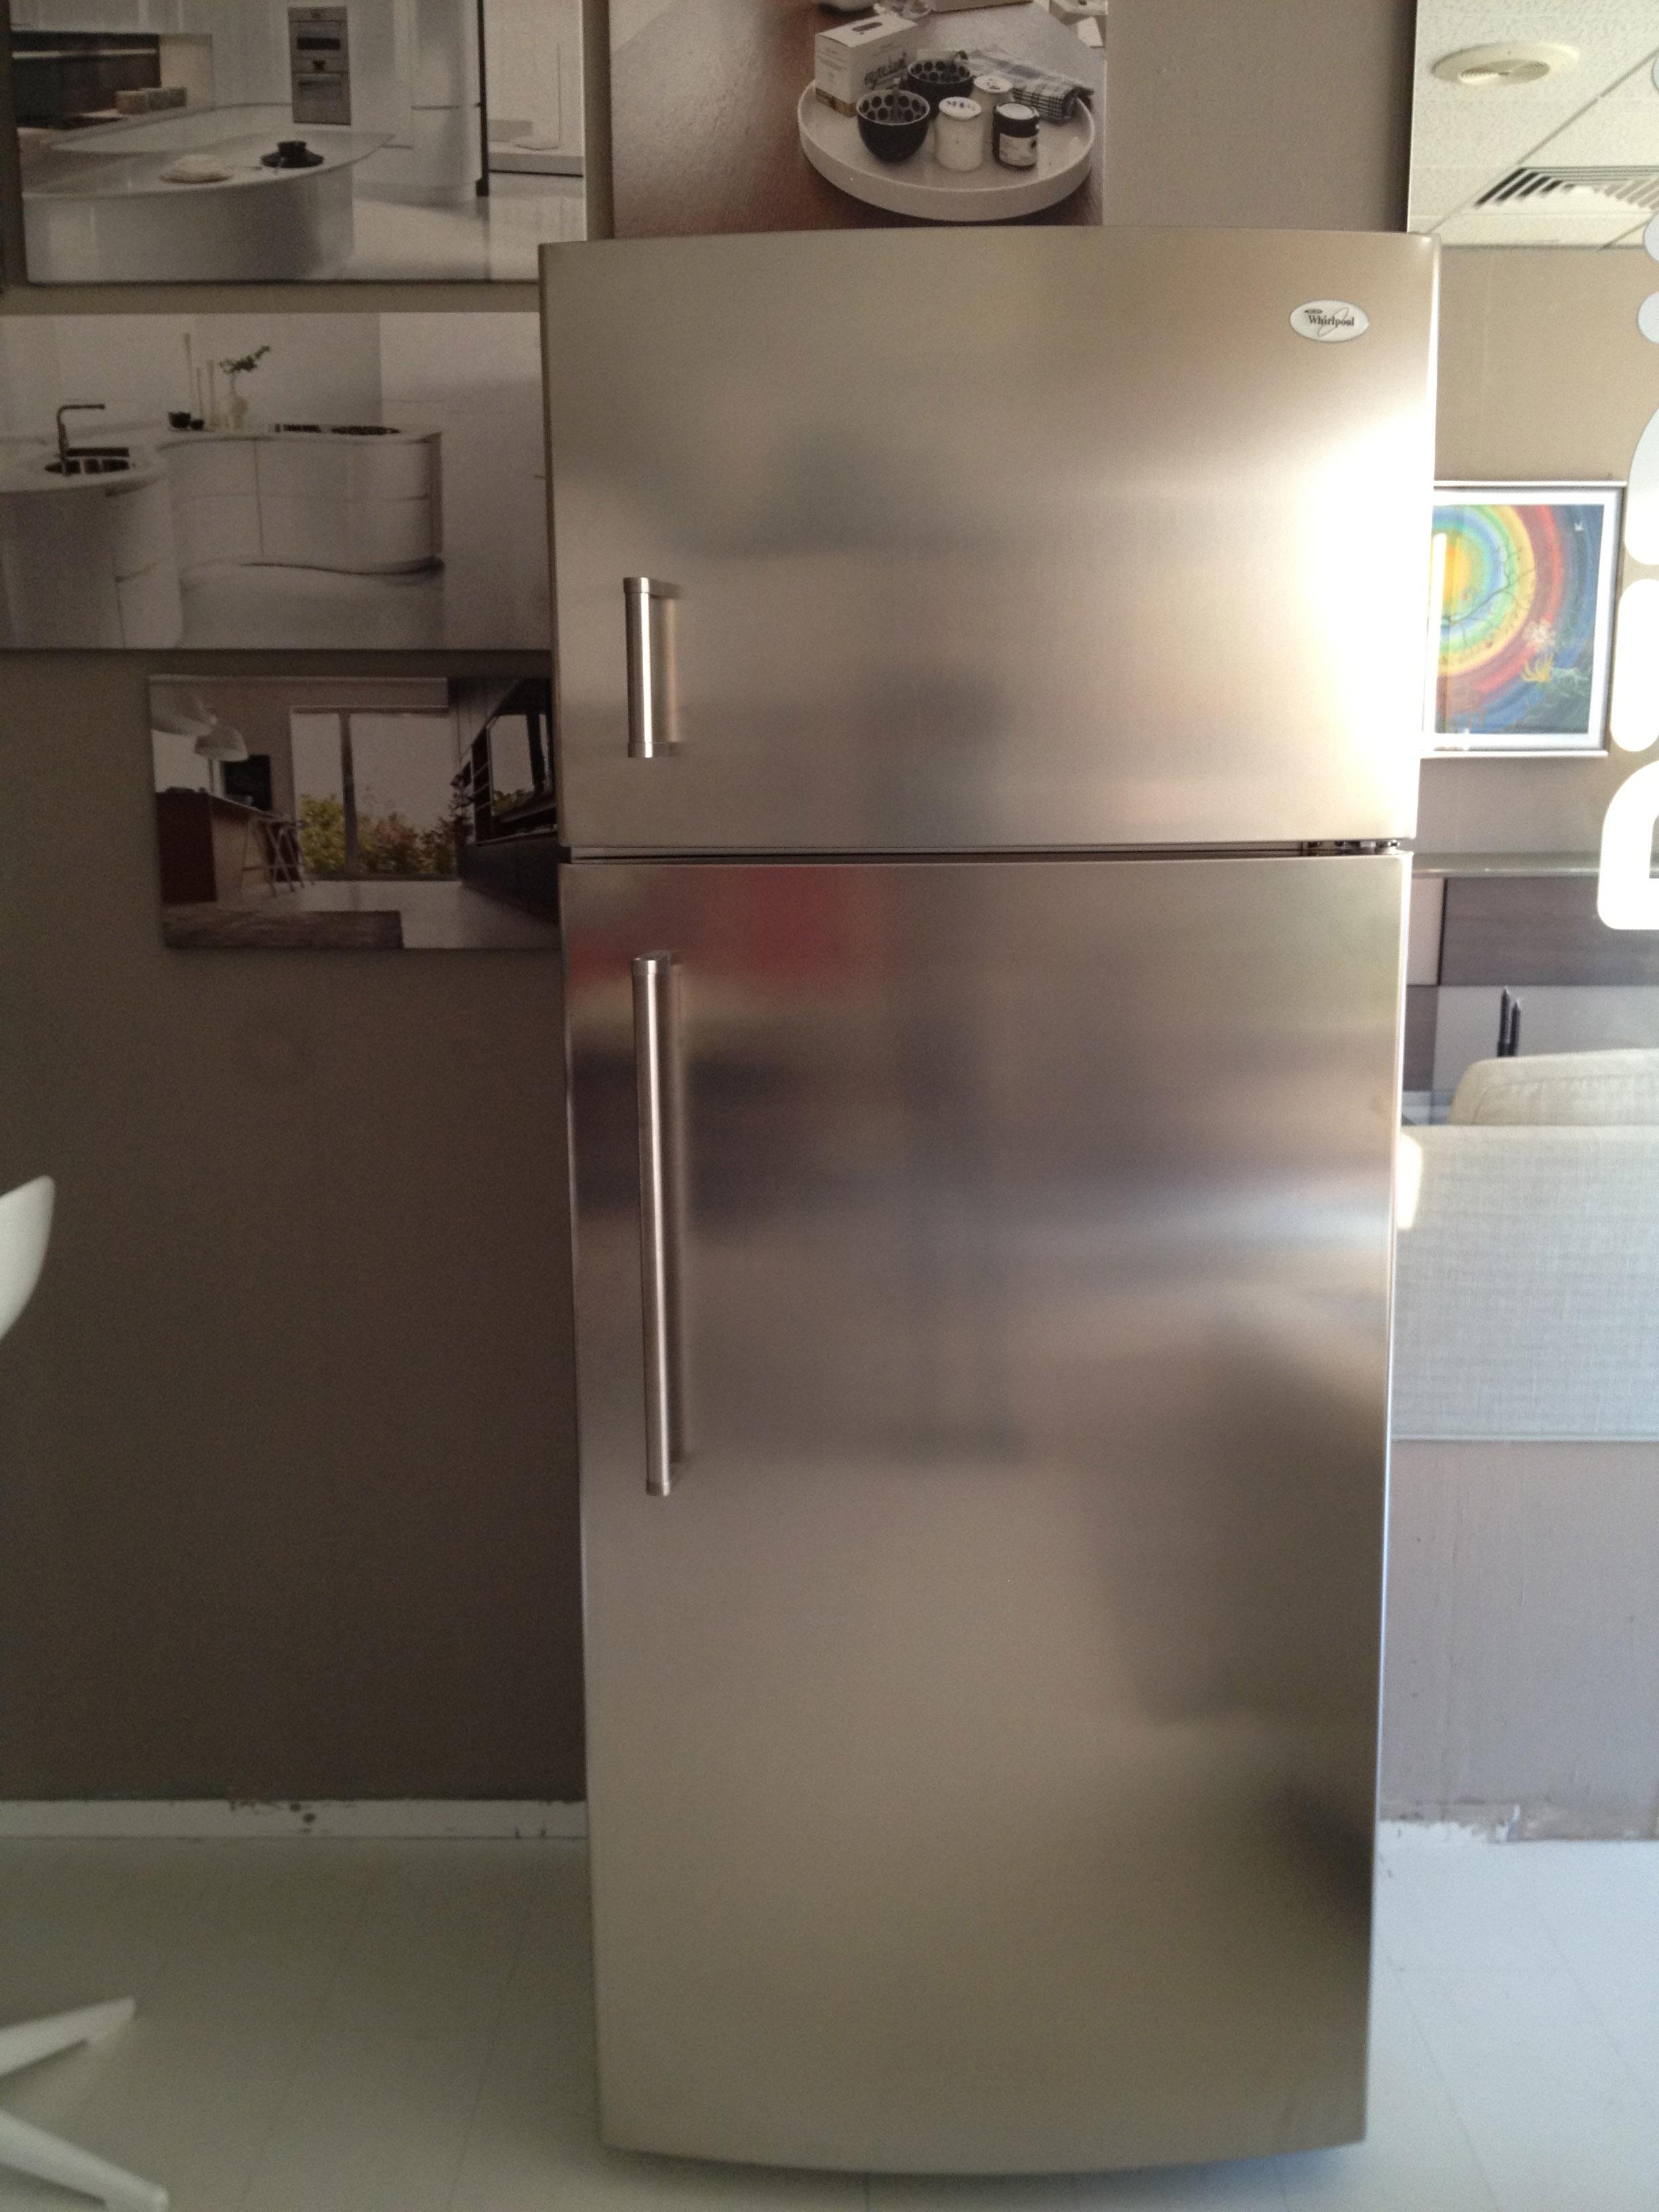 frigo whirlpool acciaio inox elettrodomestici a prezzi. Black Bedroom Furniture Sets. Home Design Ideas